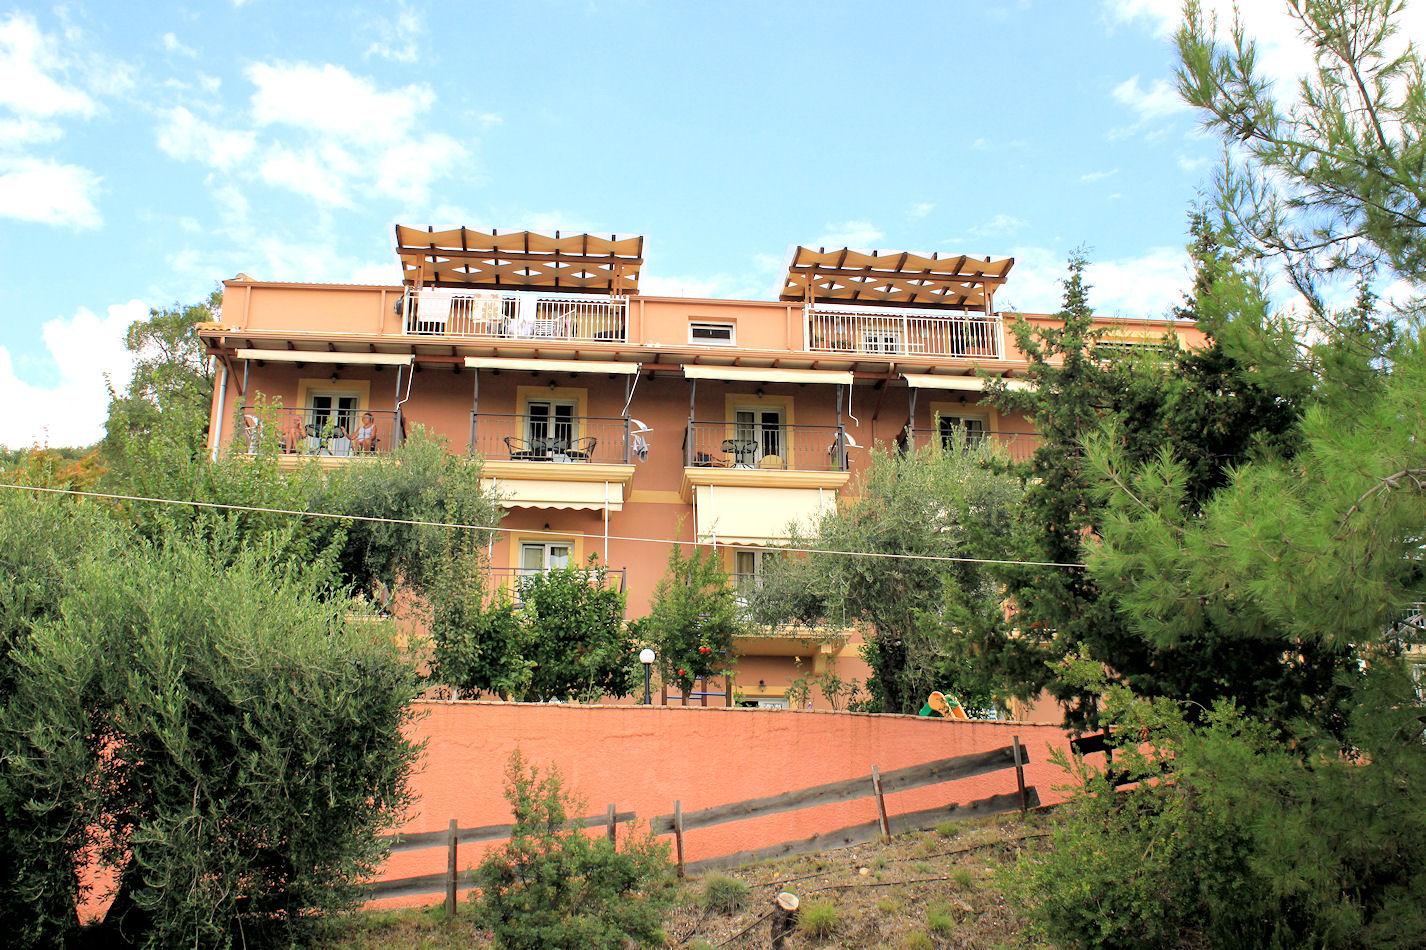 Meidän hotelli Pantheon sijaitsi 5 min kävelymatkan päässä keskustassa rinteessä oliivilehtojen lomassa.